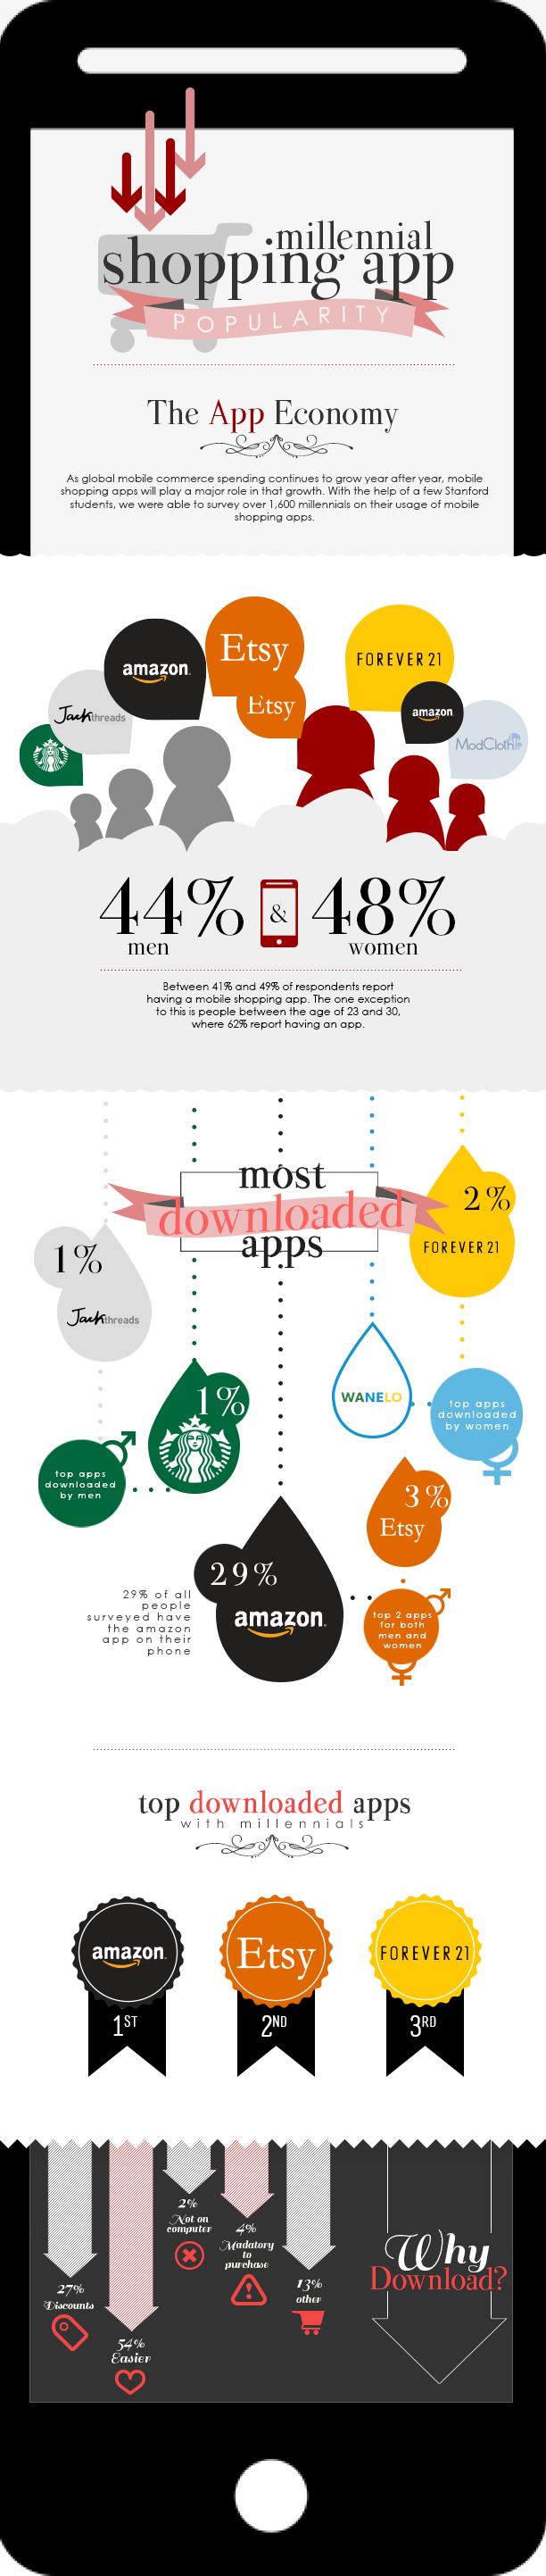 infografia-millennials-apps-compras